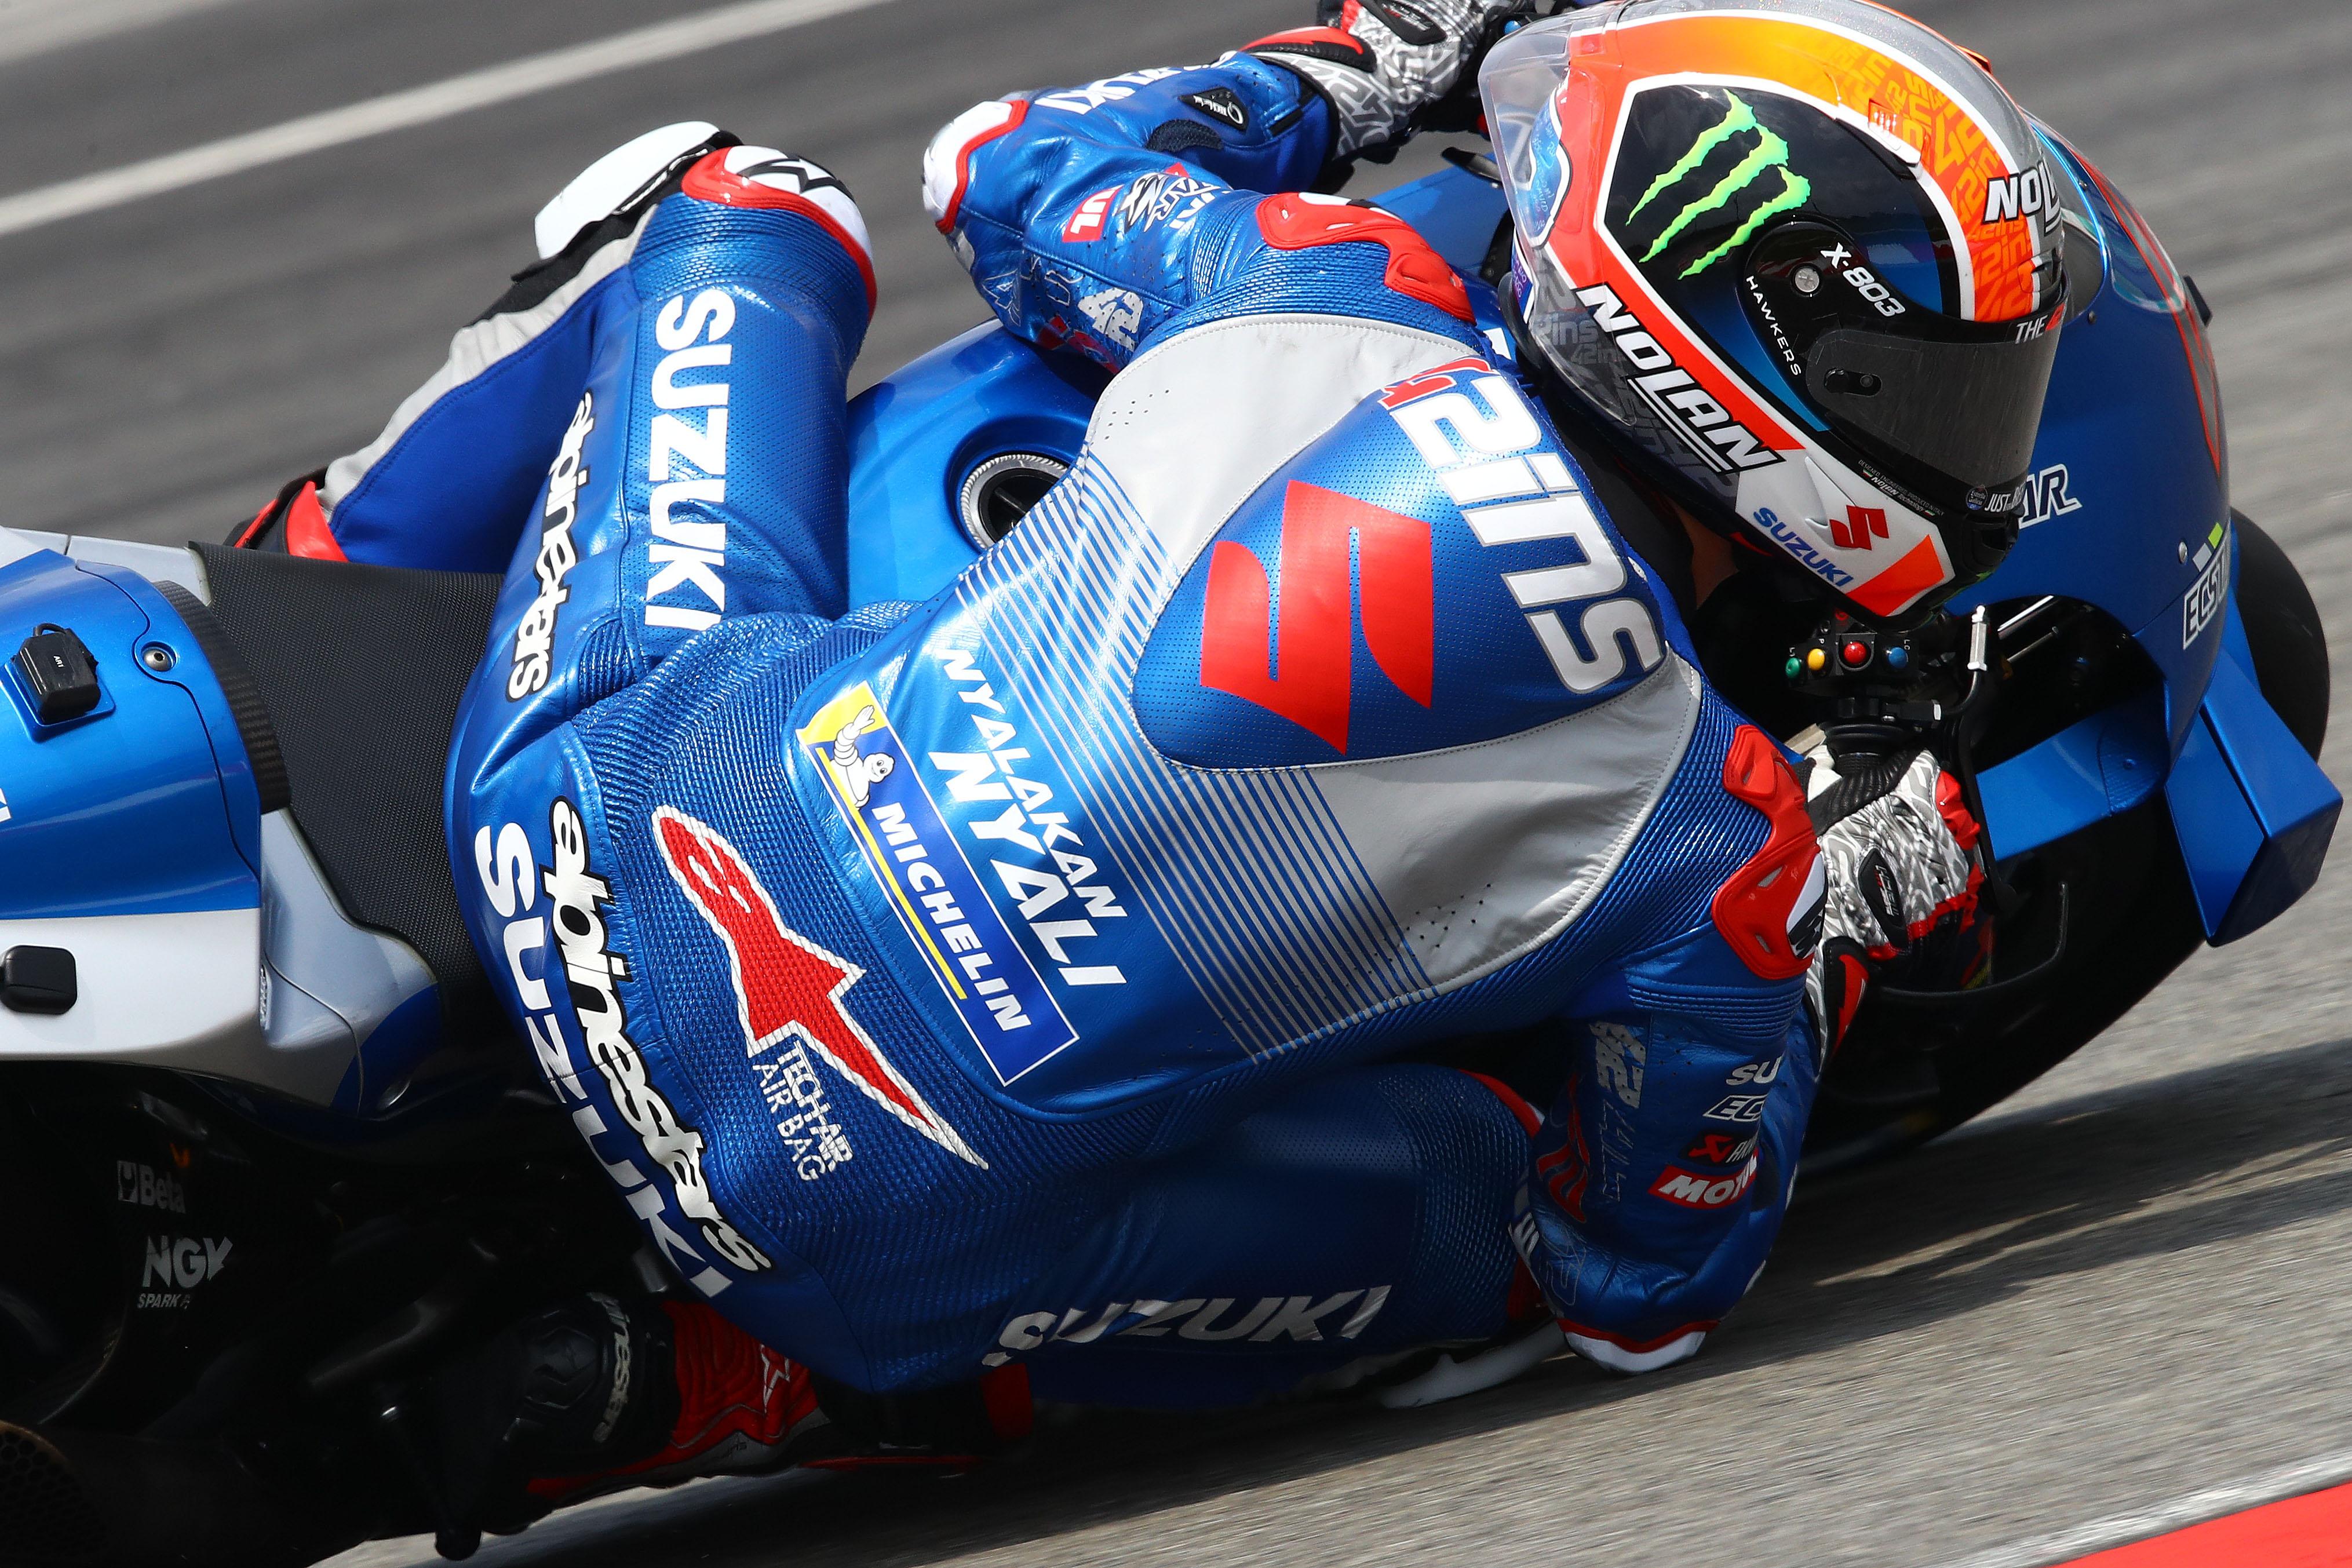 Alex Rins Suzuki MotoGP testing 2020